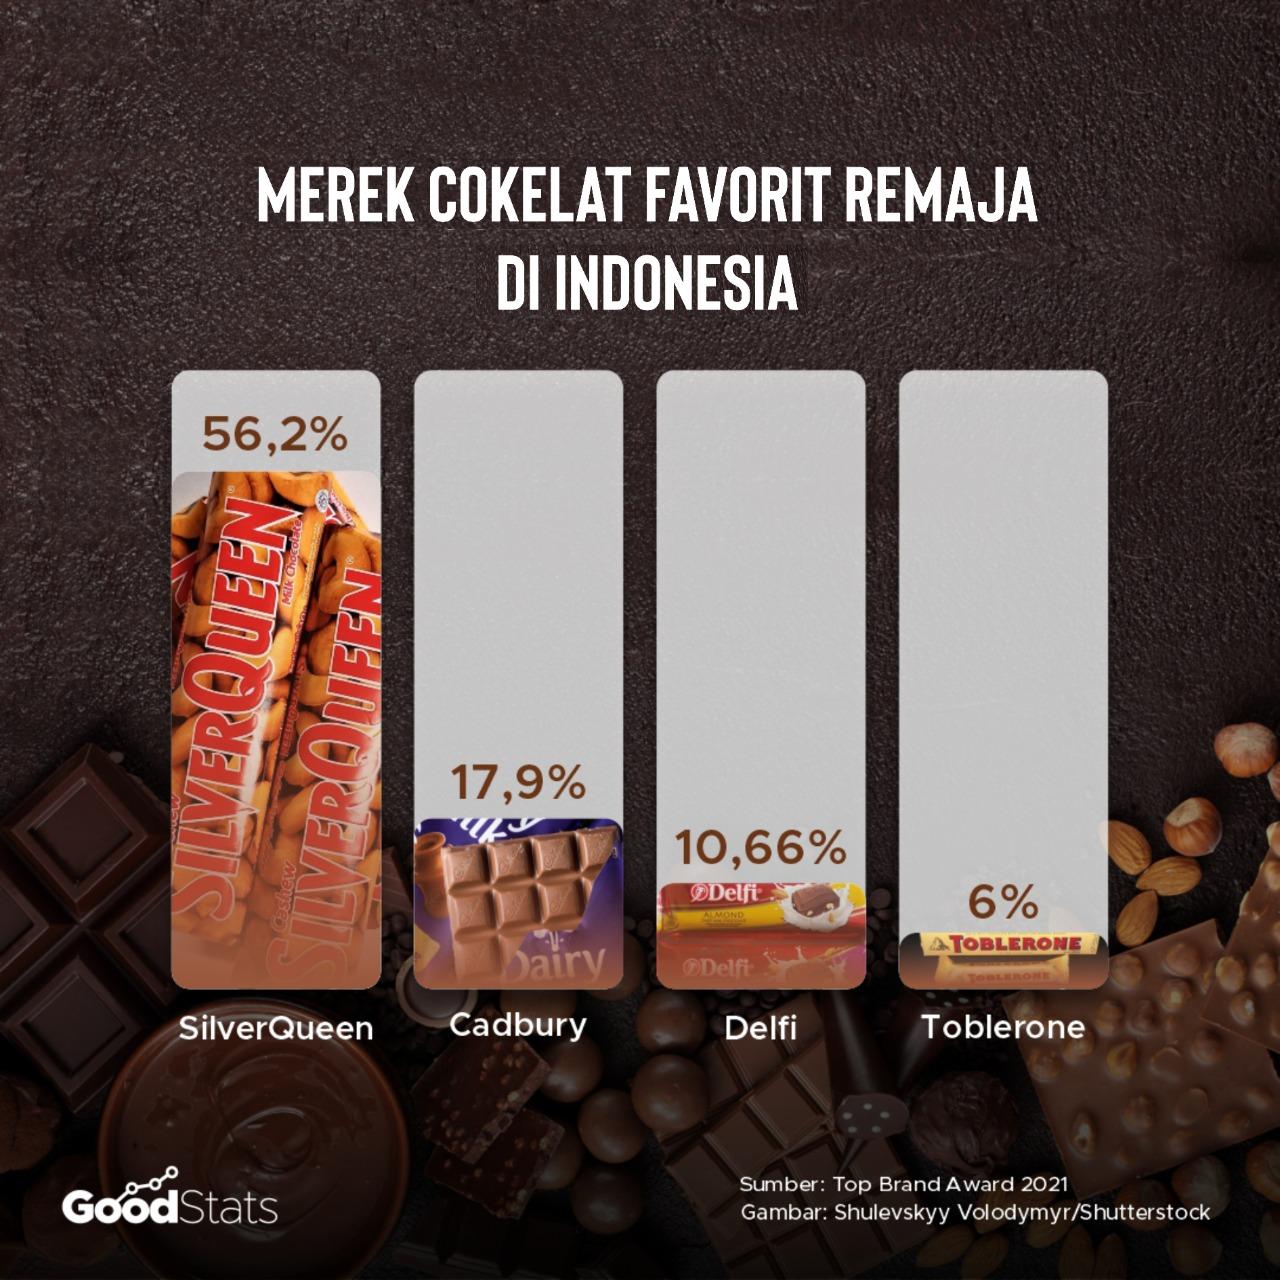 Merek Coklat Terfavorit Bagi Remaja di Indonesia